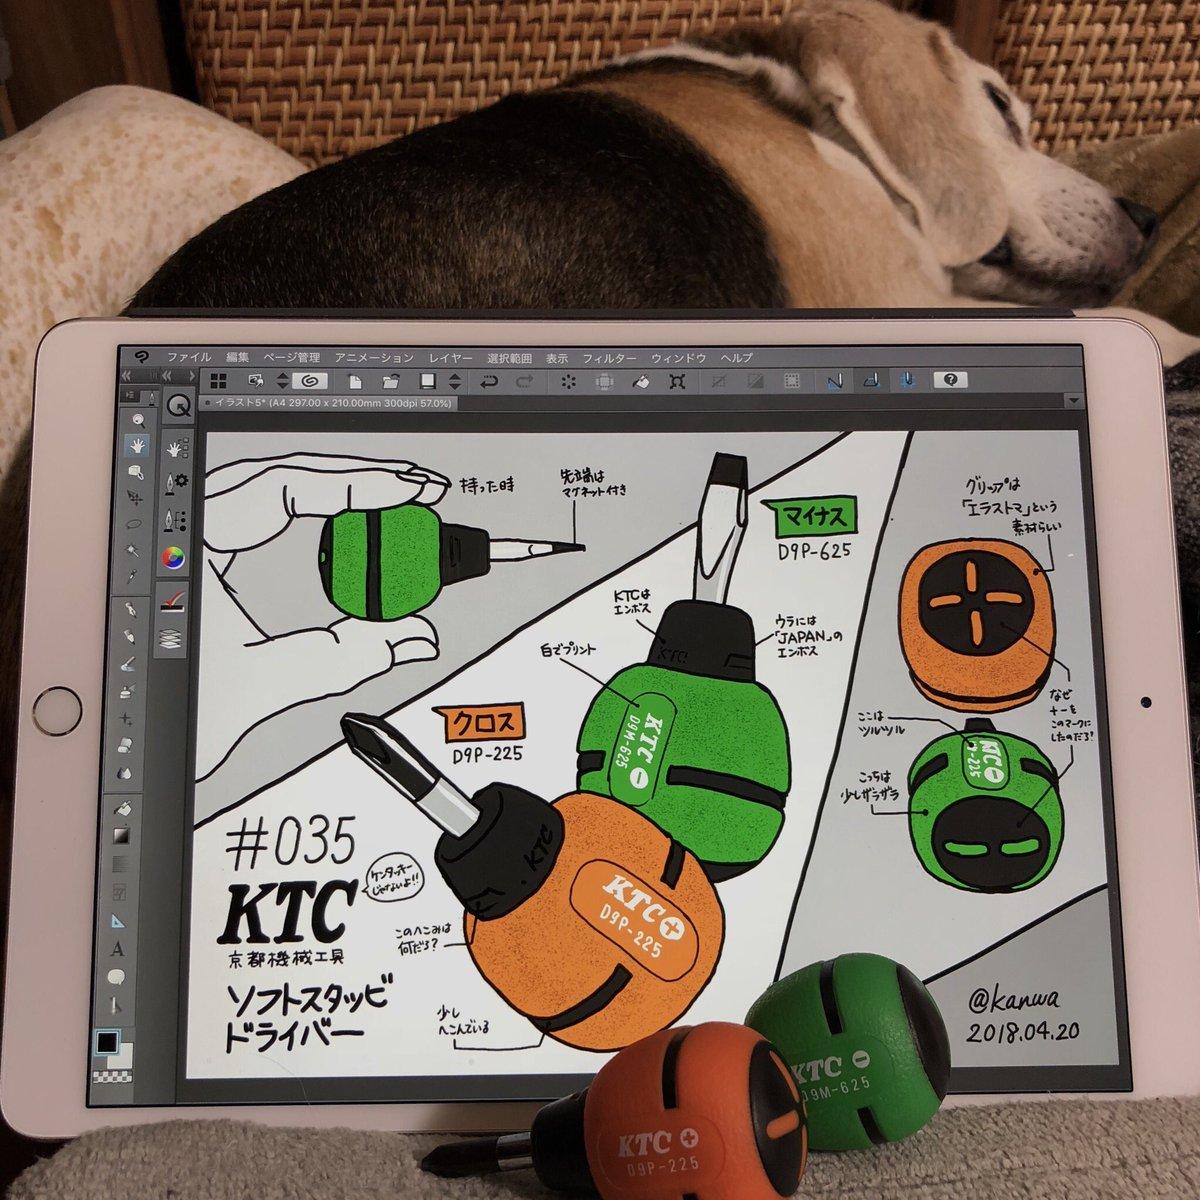 今日は #KTC のドライバーを観察。丸くて小さめだけど、持ちやすいです。  #観察スケッチ #毎日スケッチ